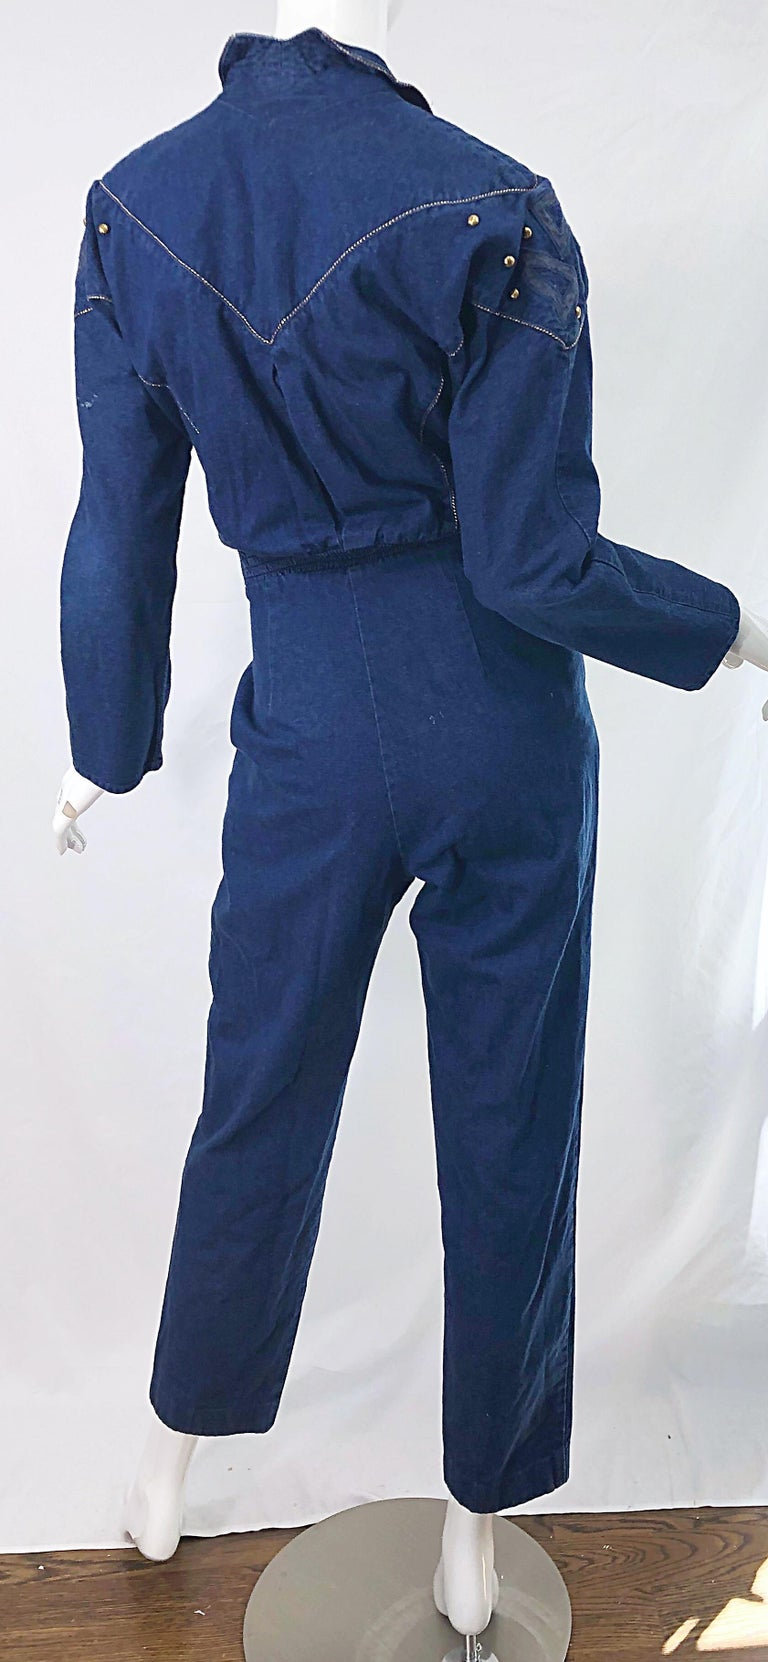 1980s Jillian Arthur Blue Jean Avant Garde Grommett Beaded Vintage 80s Jumpsuit For Sale 7